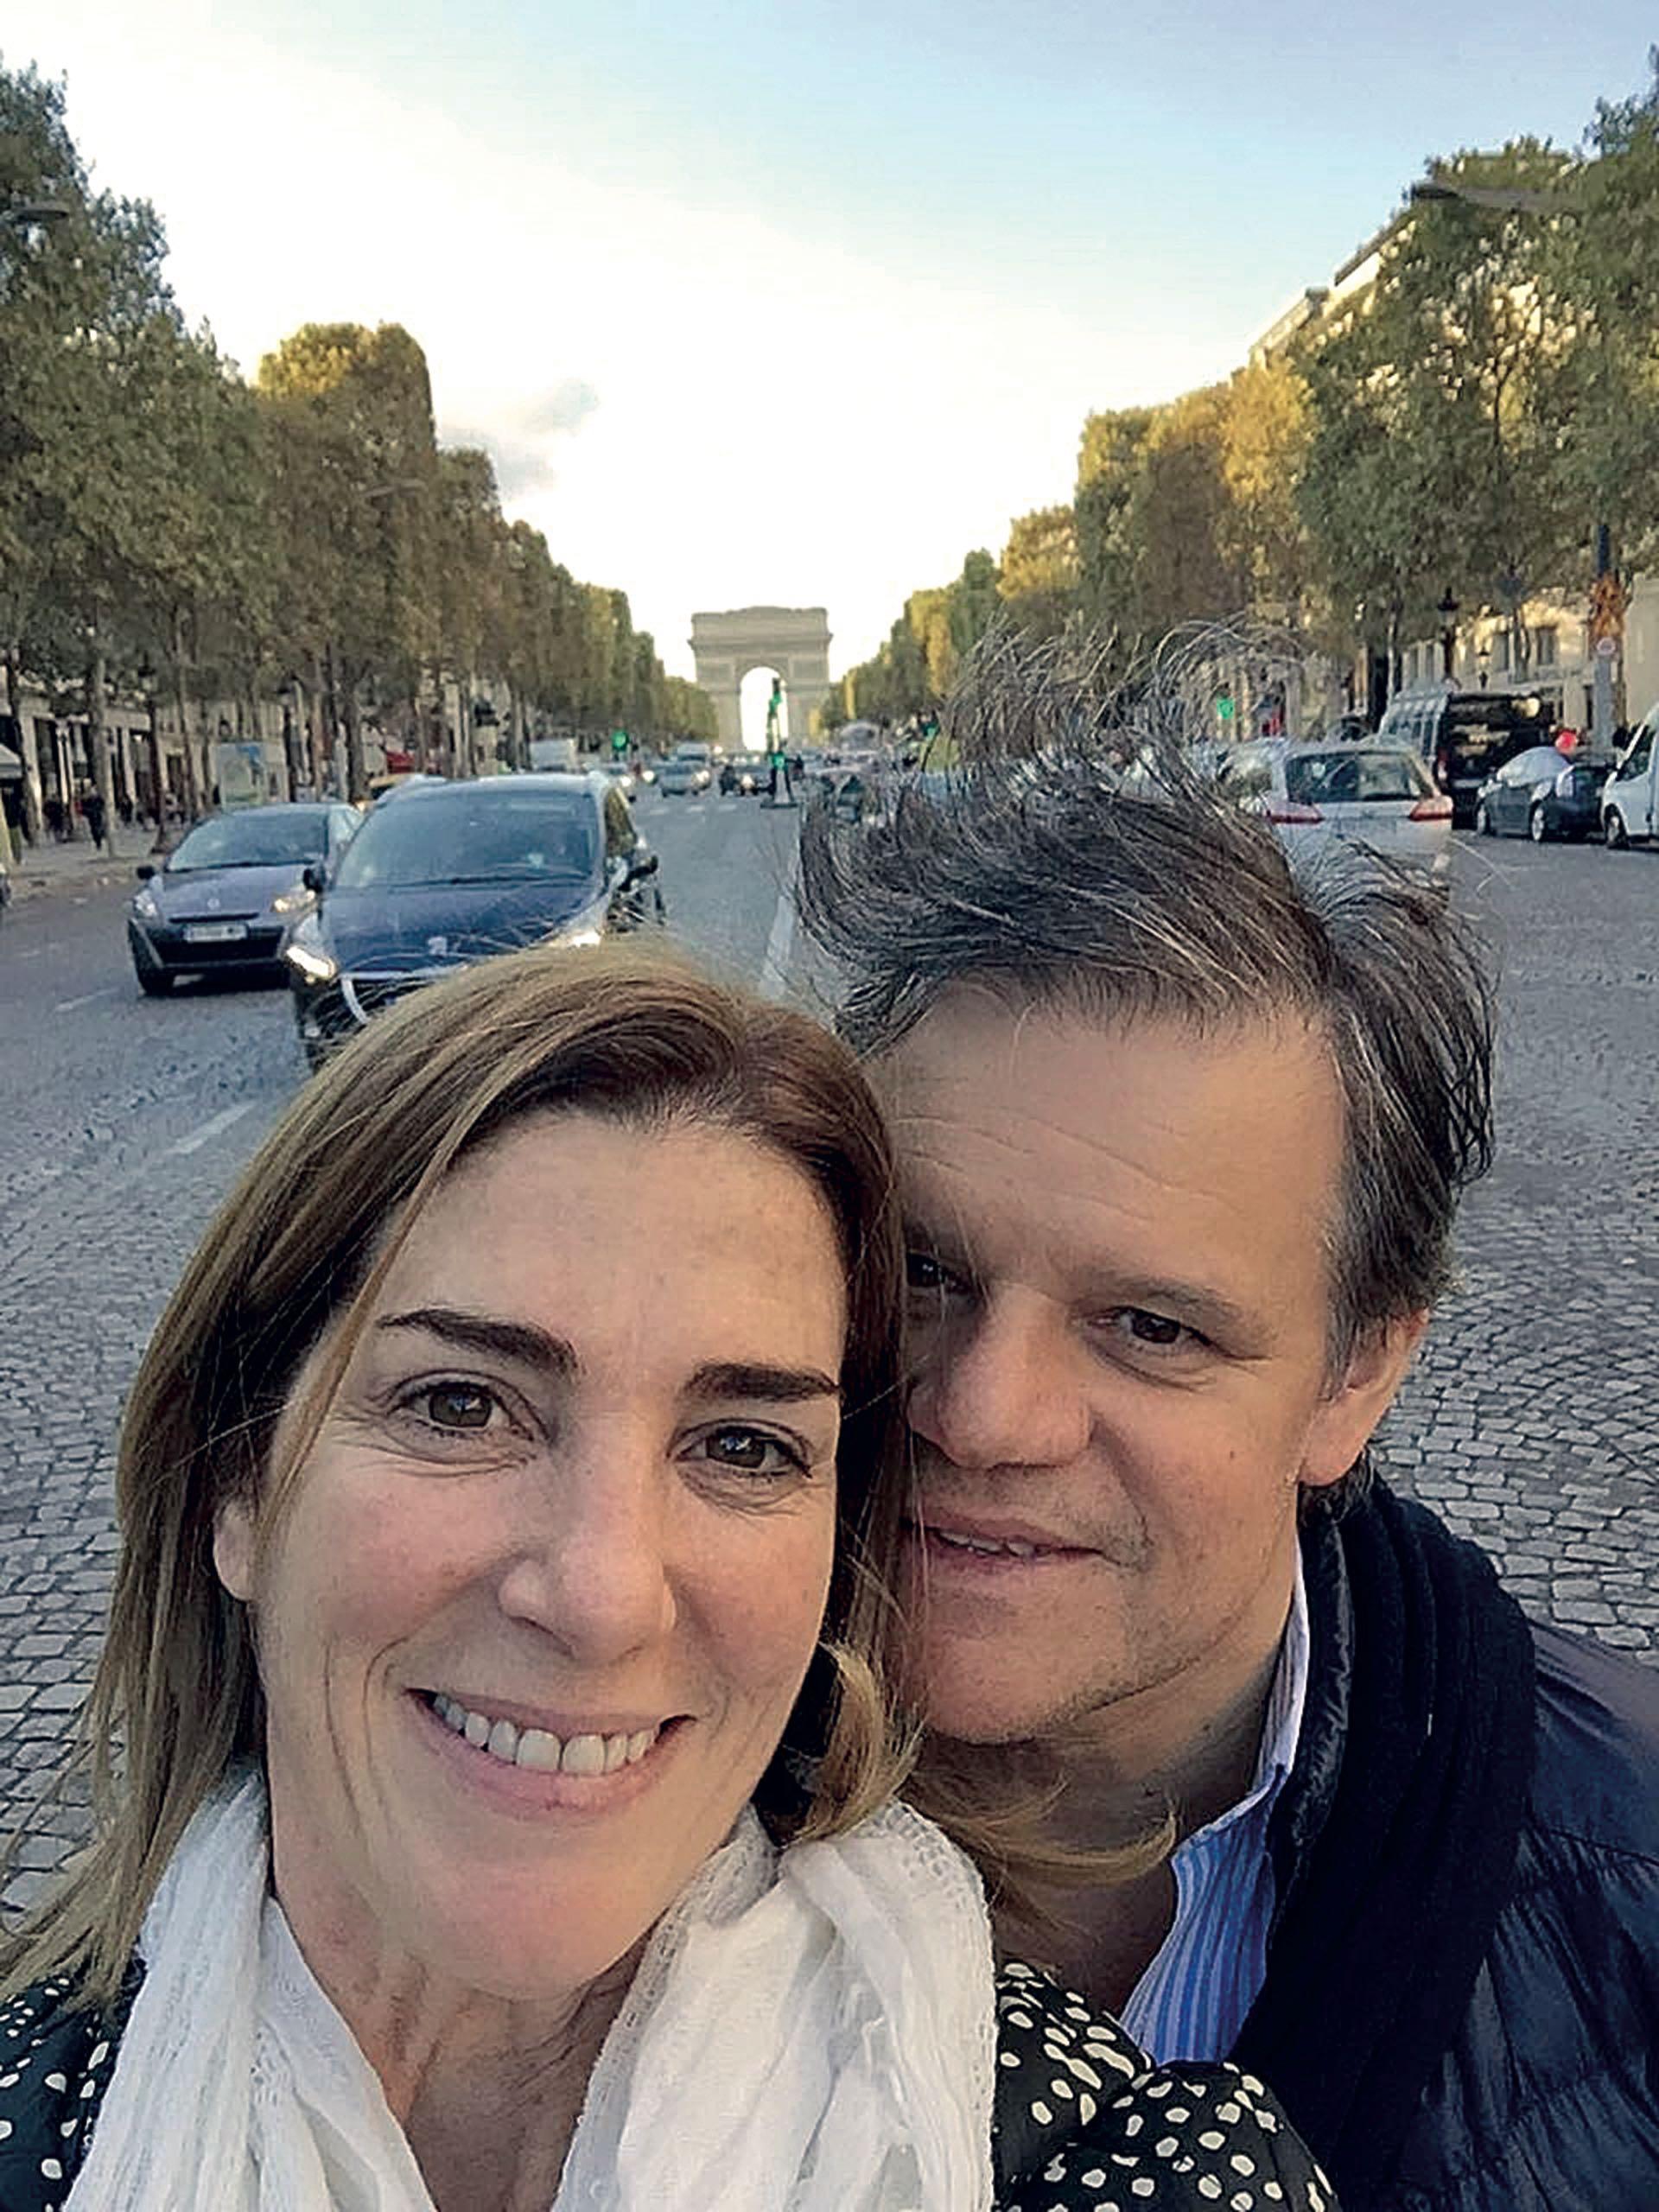 Ambos amaban París. Y hacia allí fueron juntos en el primer viaje largo que hicieron como pareja. (Foto Instagram)